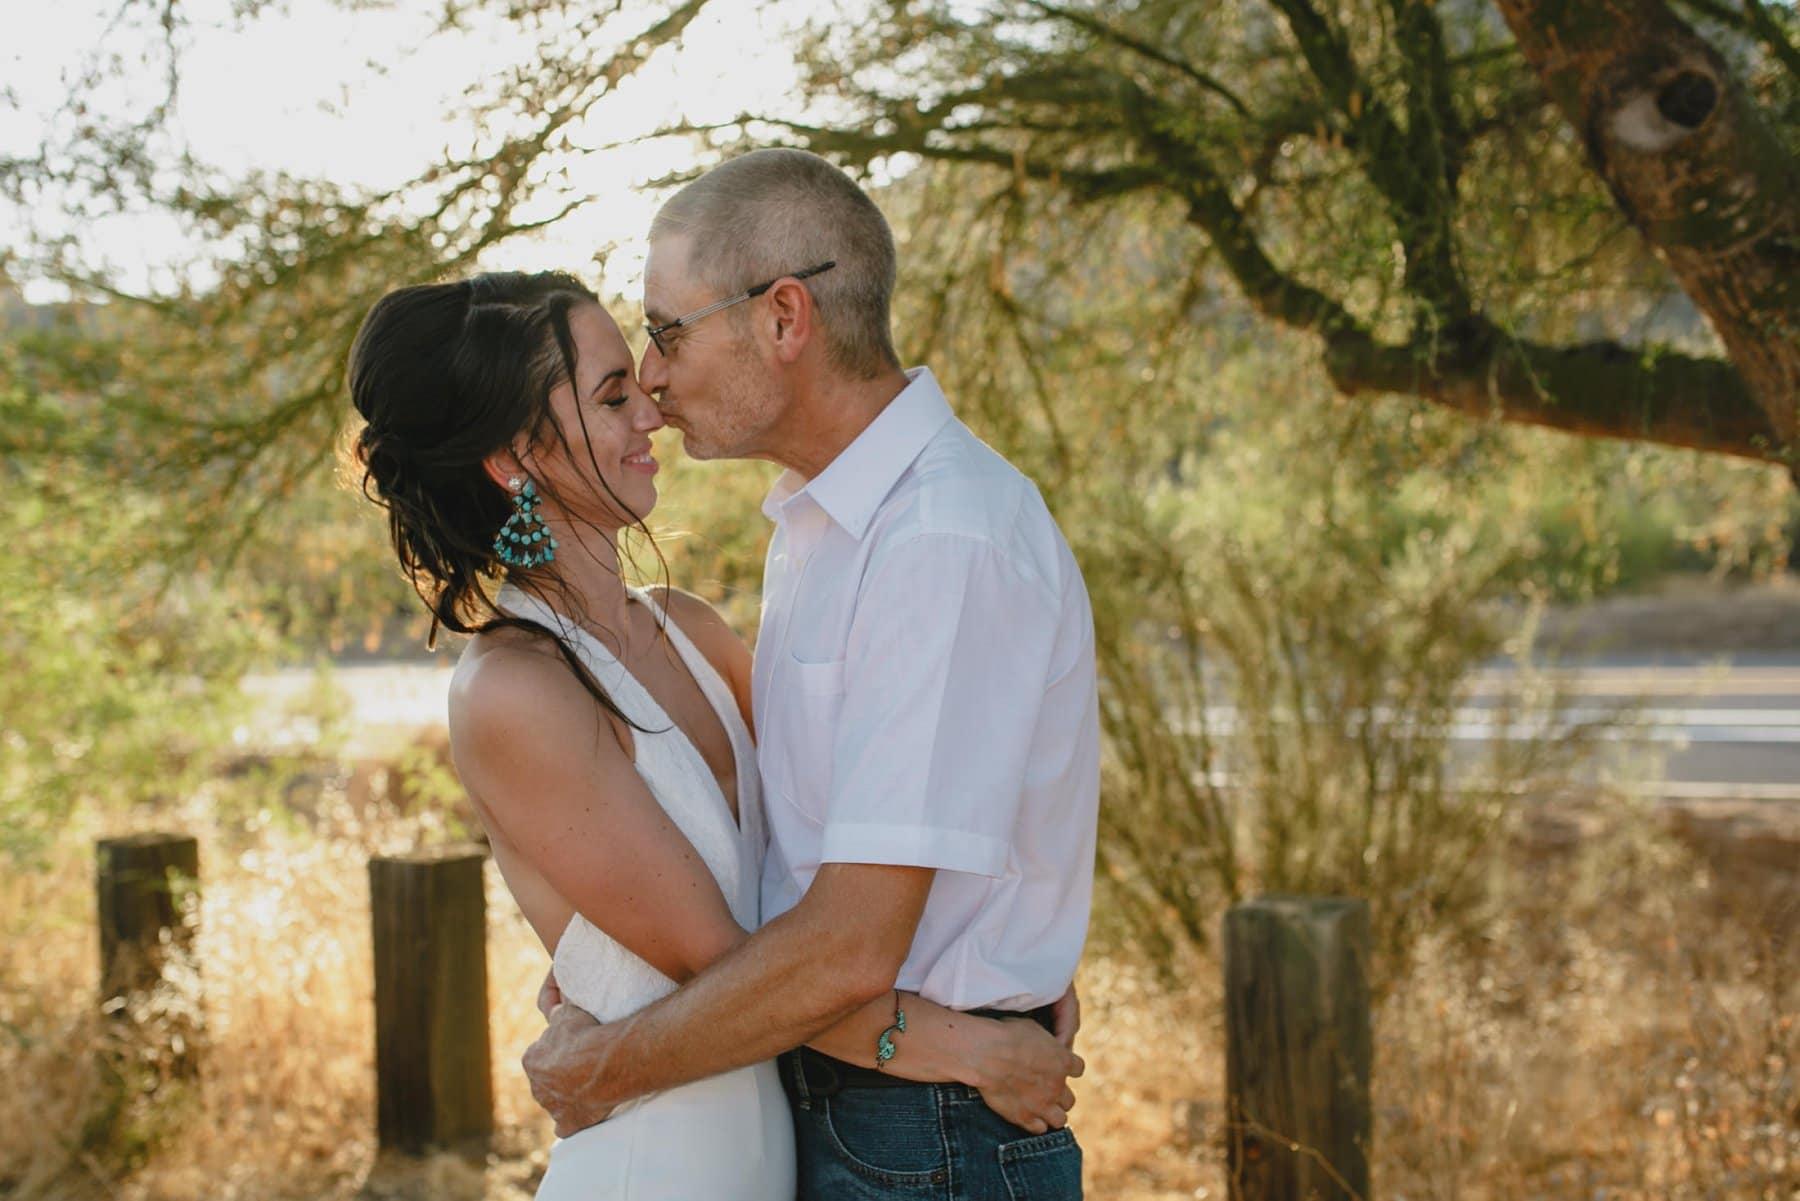 Phoenix outdoor elopement photographer Salt River